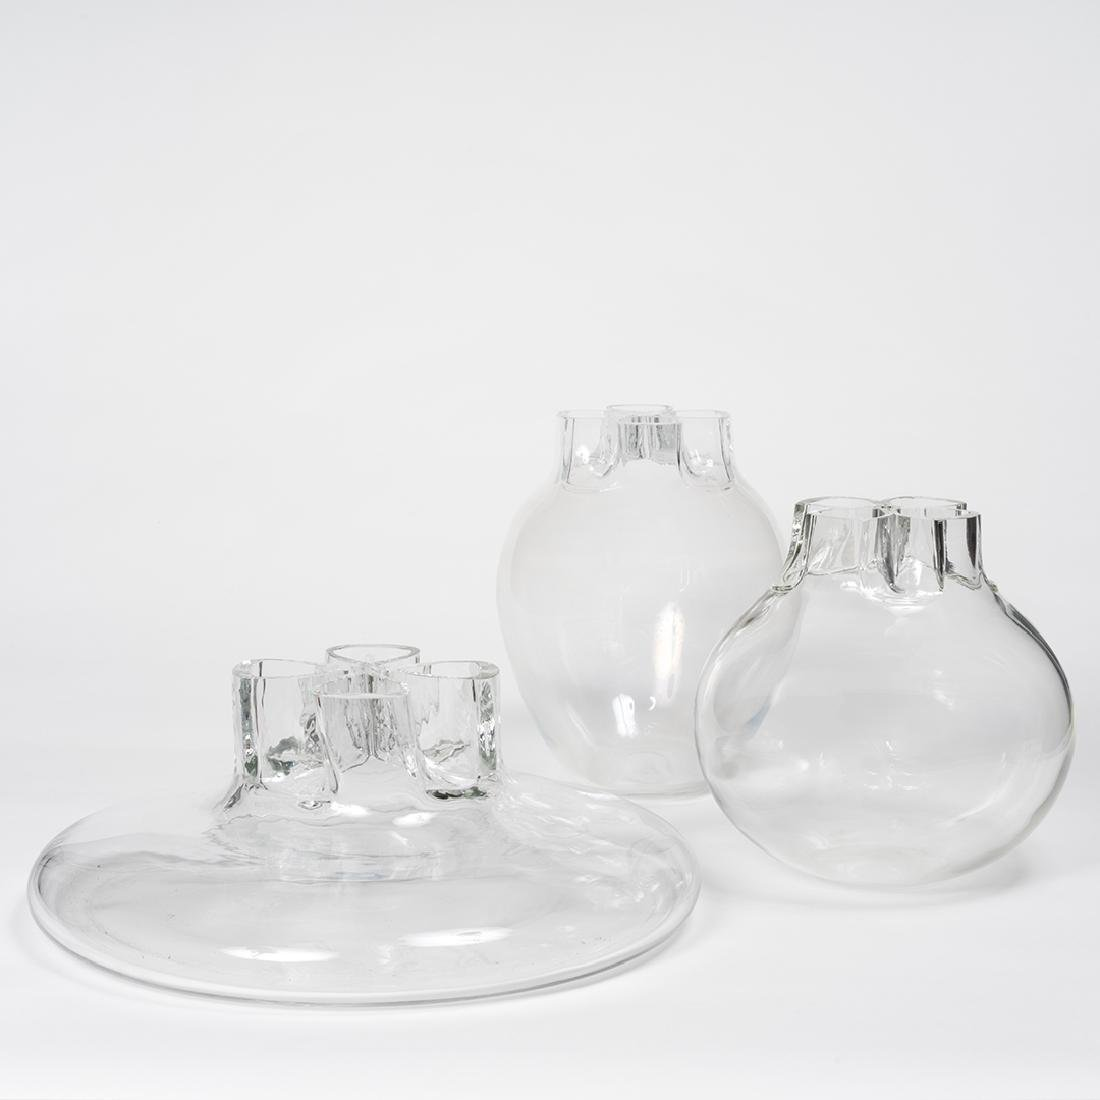 Flavio Barbini Quattro Fori Vases (3)